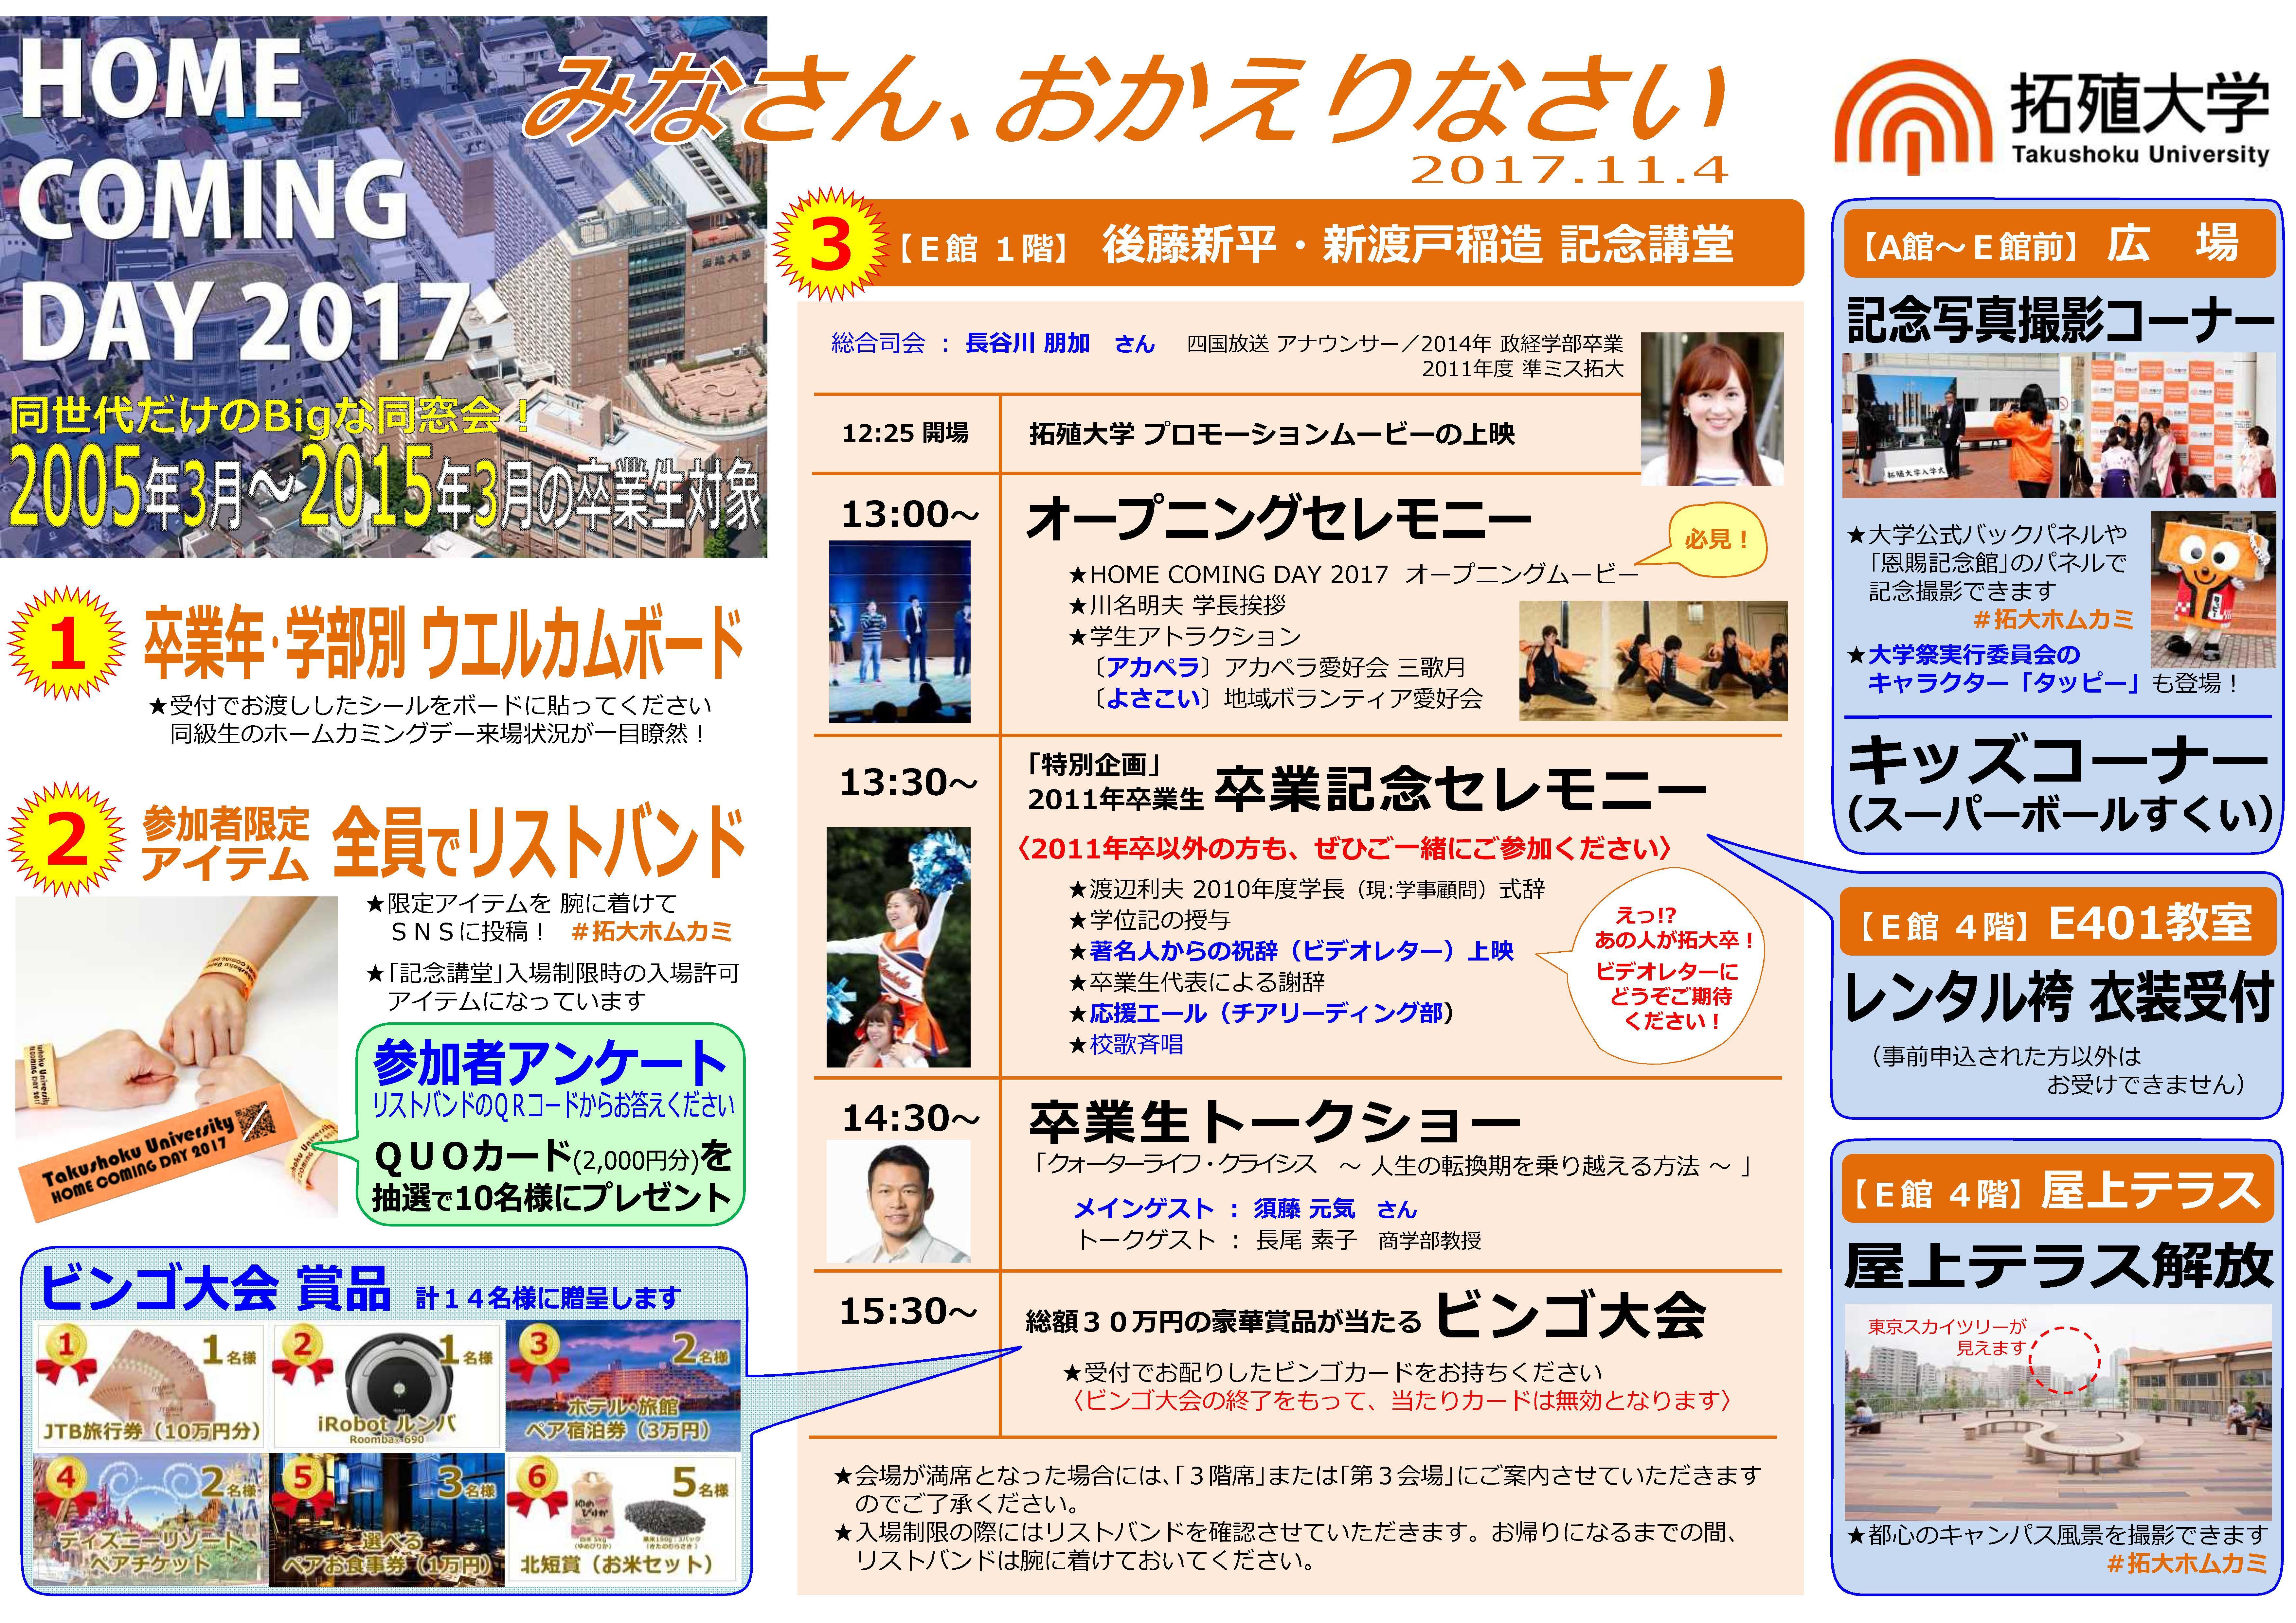 拓殖大学ホームカミングデー2017 当日掲出の「イベント一覧」ポスター (1/2)